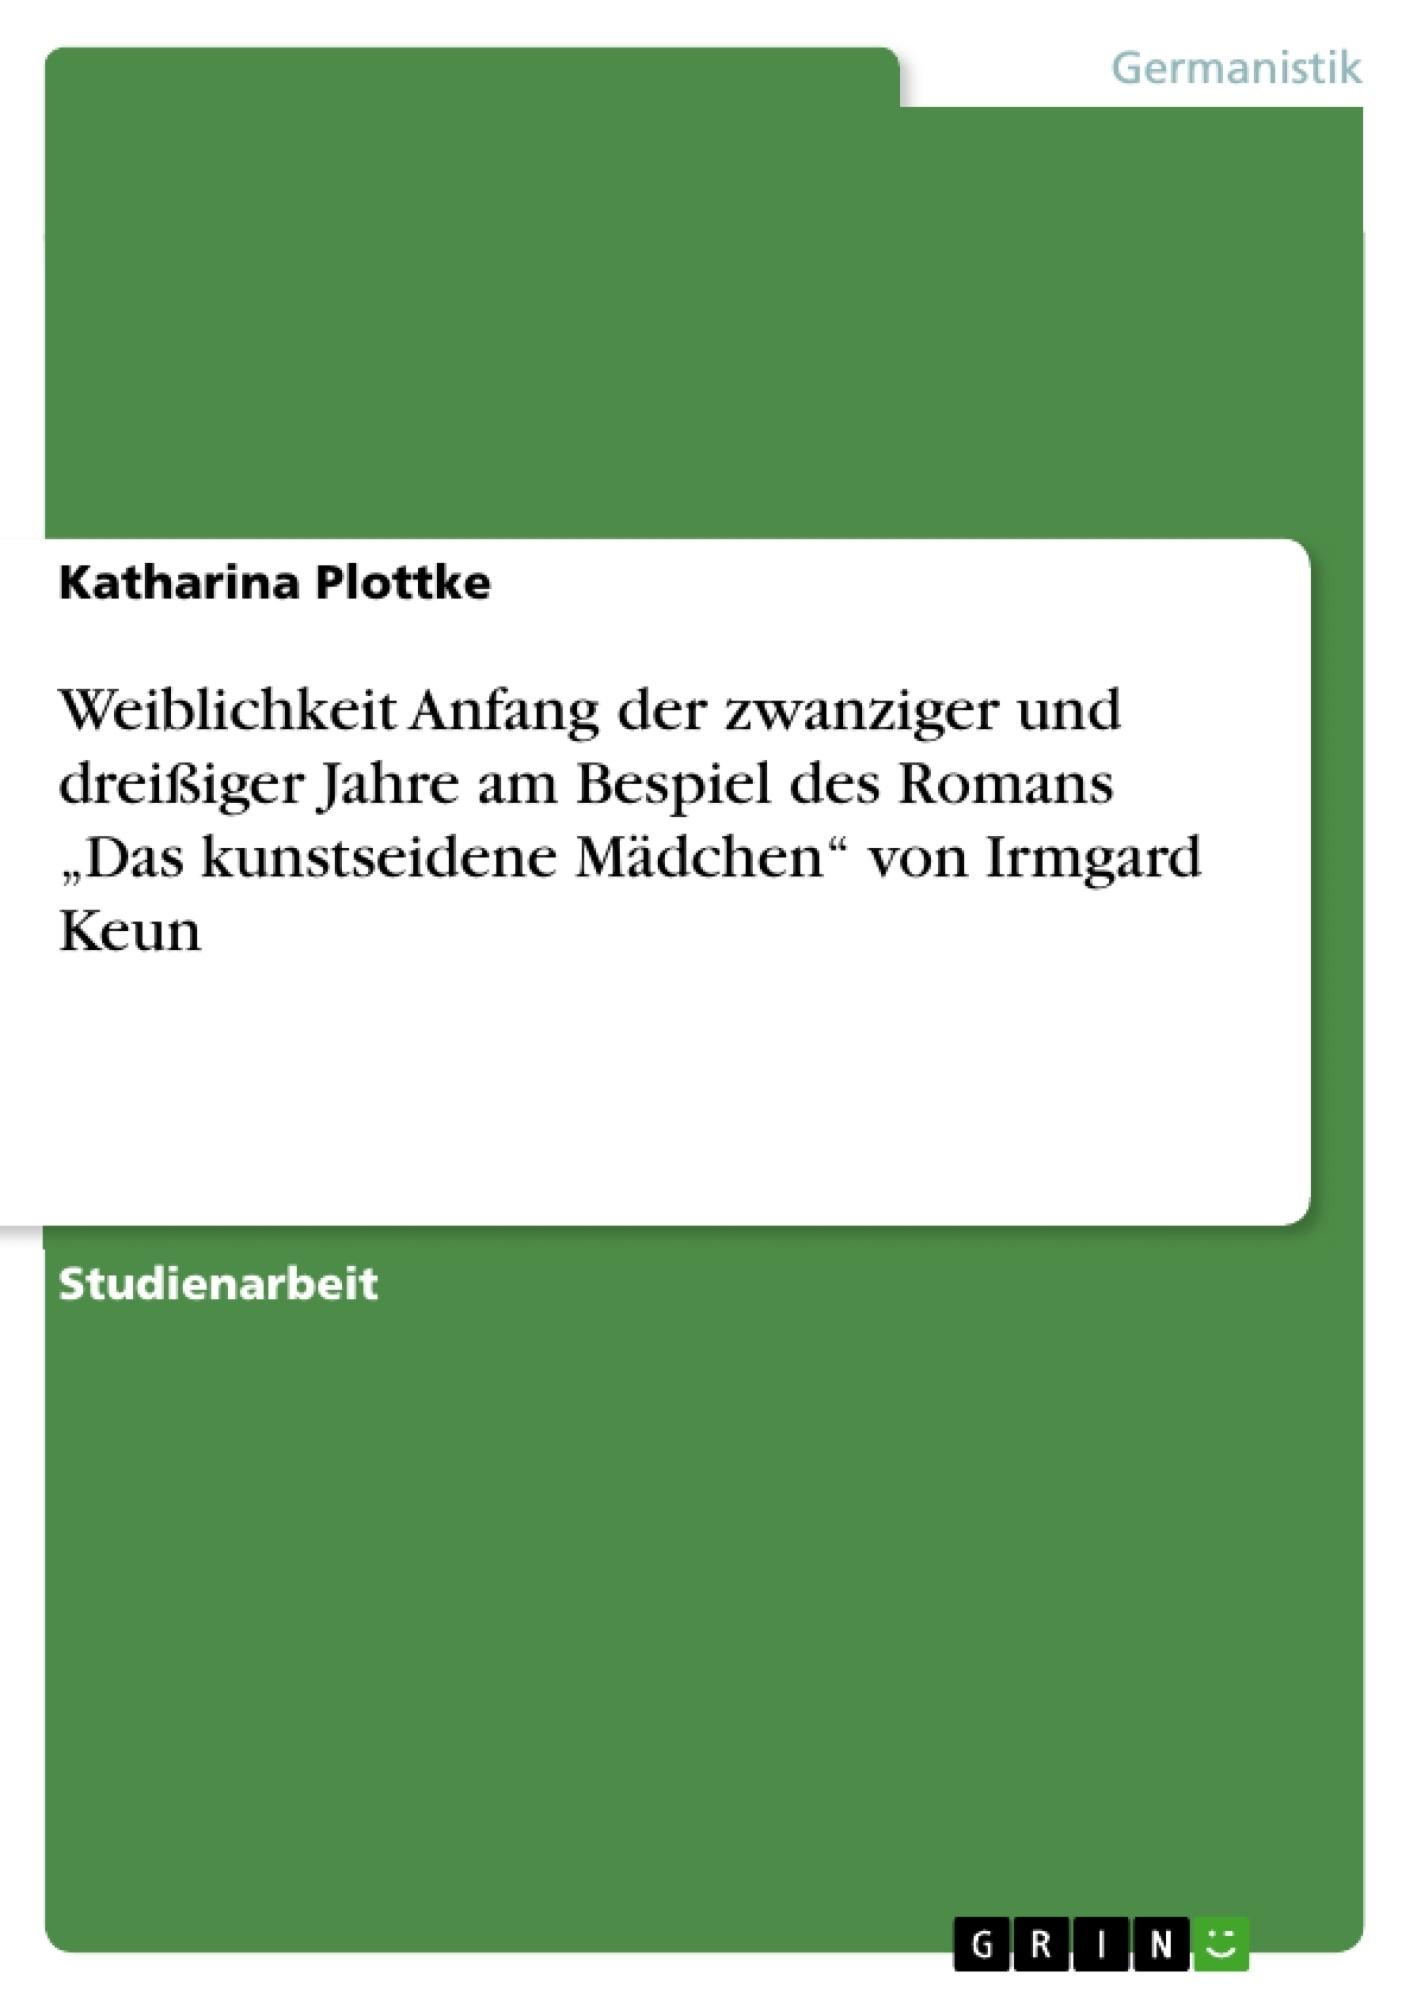 """Titel: Weiblichkeit Anfang der zwanziger und dreißiger Jahre am Bespiel des Romans """"Das kunstseidene Mädchen"""" von Irmgard Keun"""